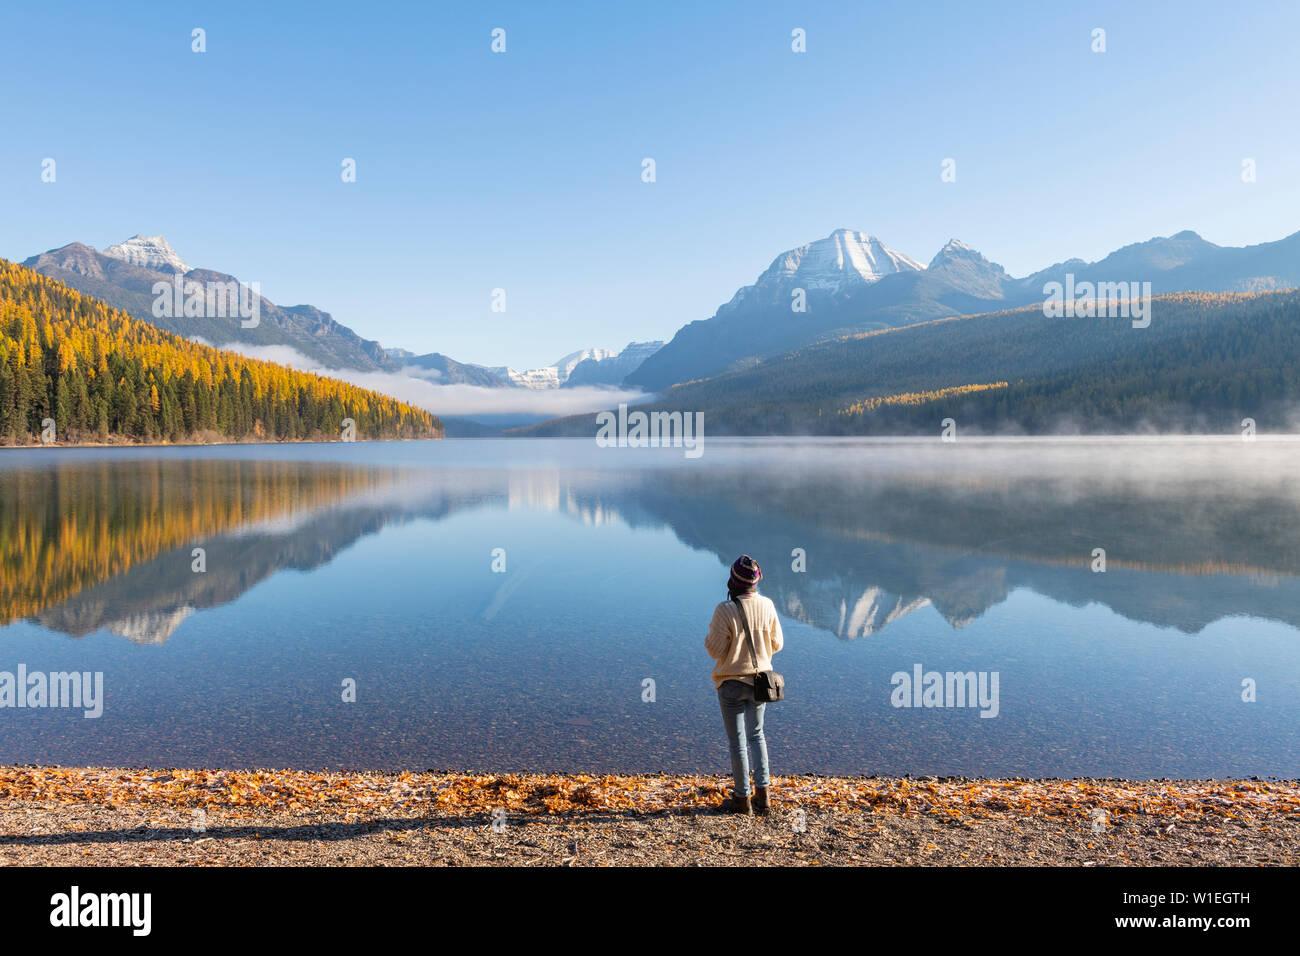 Femme sur les rives du lac Bowman, Glacier National Park, Montana, États-Unis d'Amérique, Amérique du Nord Banque D'Images